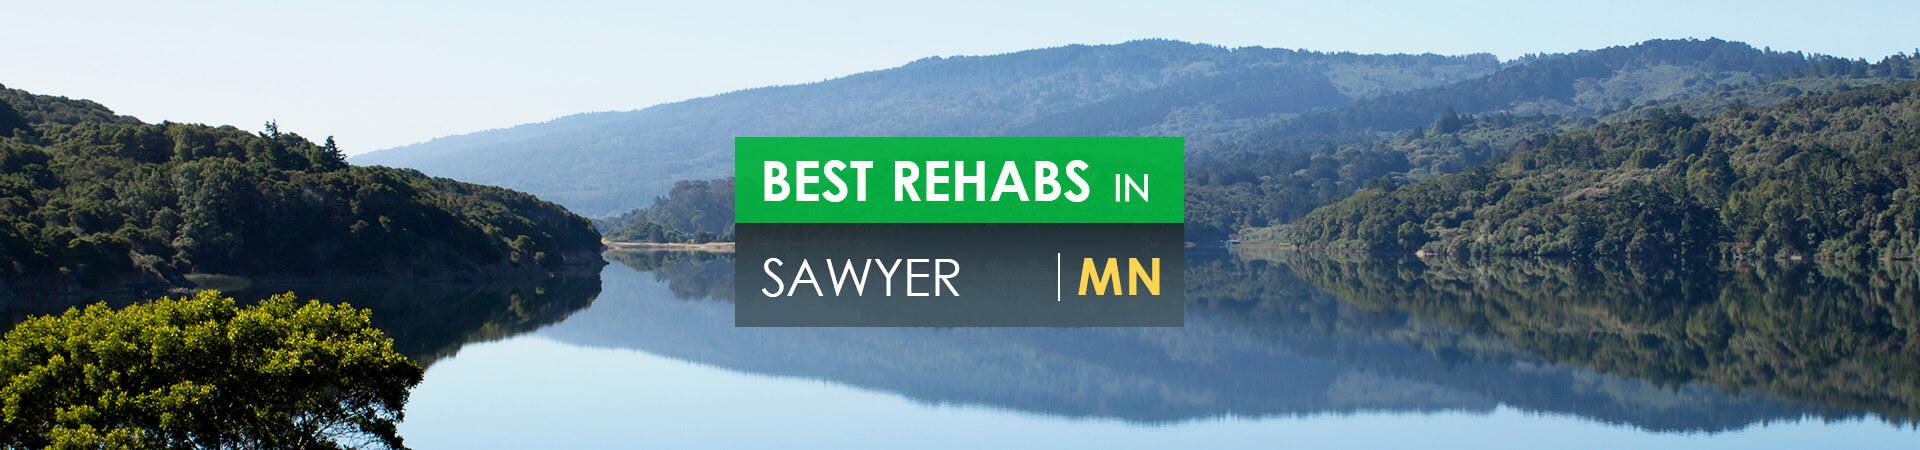 Best rehabs in Sawyer, MN